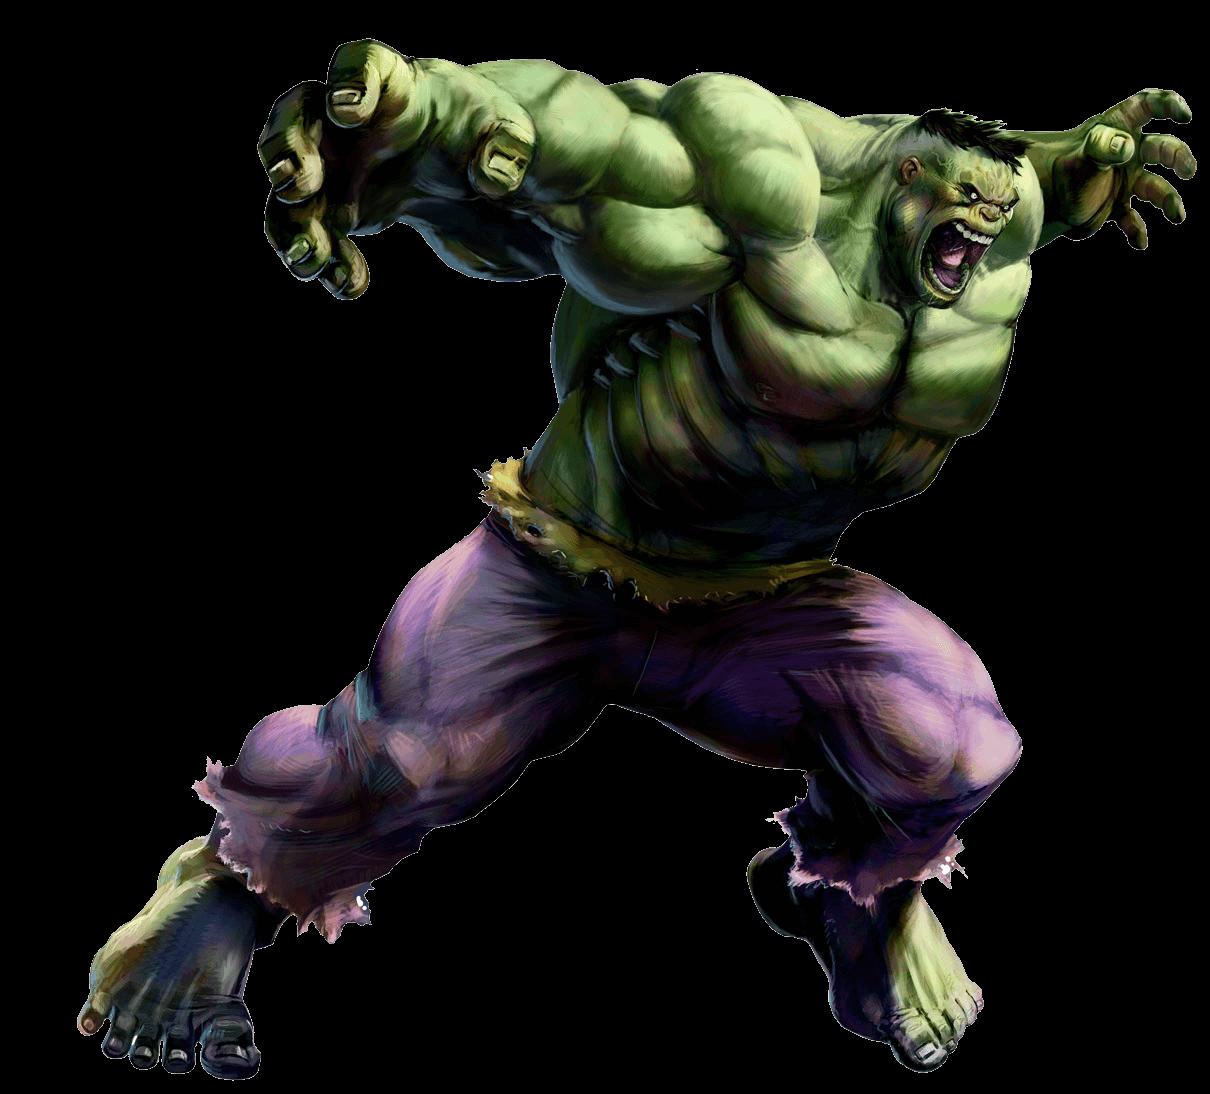 Fusion Fall Wallpaper Hd The Incredible Hulk Png Hd Big